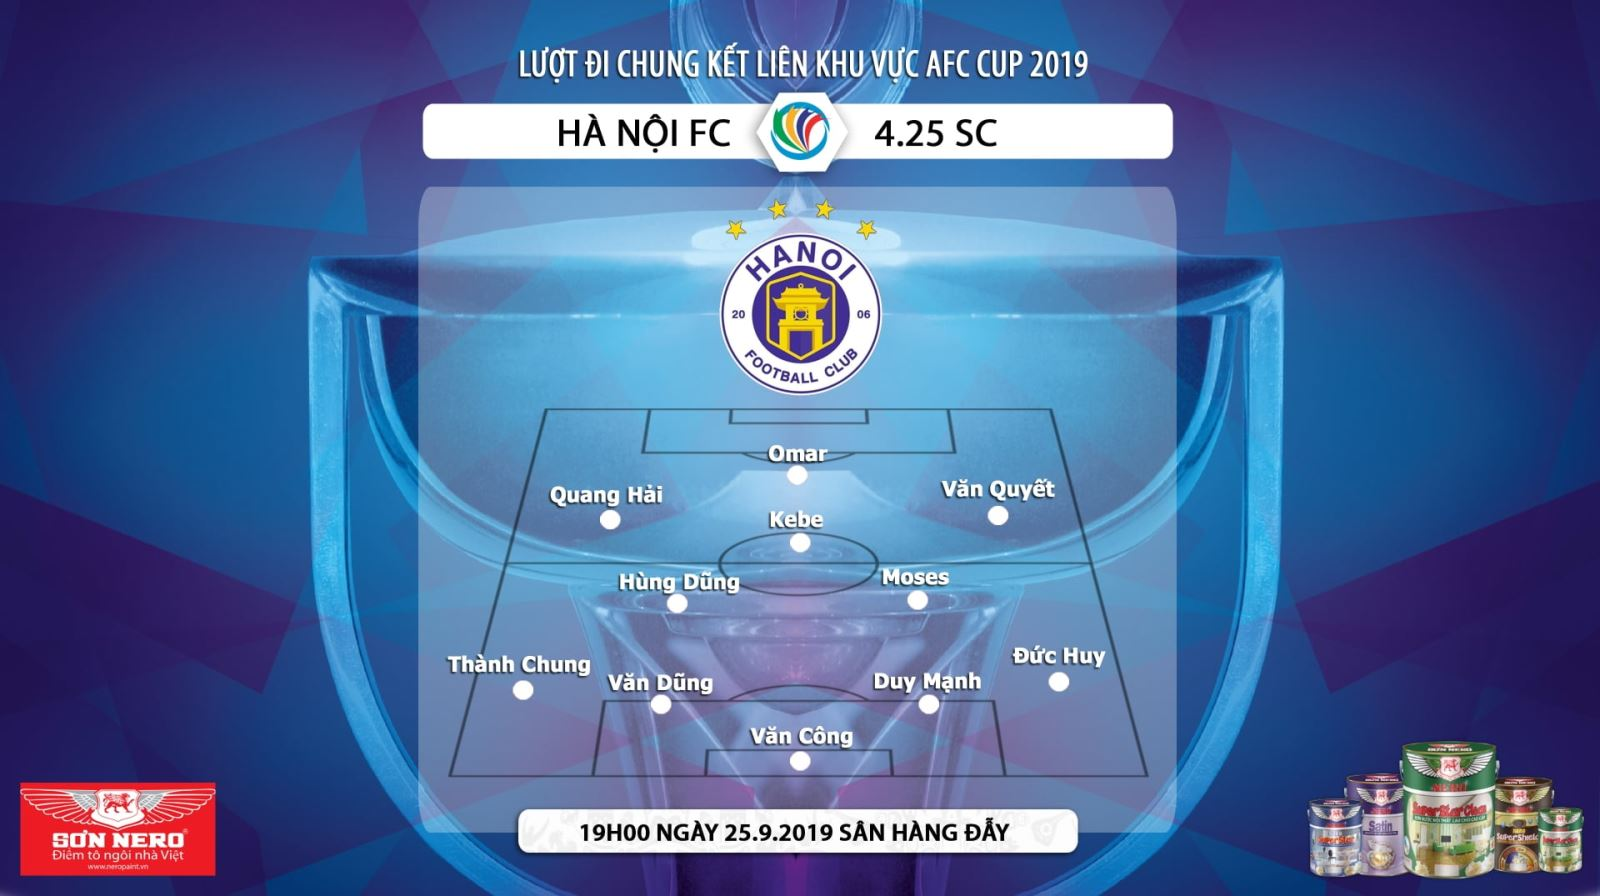 Truc tiep bong da, trực tiếp bóng đá, Hà Nội vs 4.25 SC, Hà Nội đấu với 4.25 SC, Trực tiếp AFC Cup 2019, Kèo bóng đá, FOX Sports, trực tiếp bóng đá hôm nay, Hà Nội, AFC